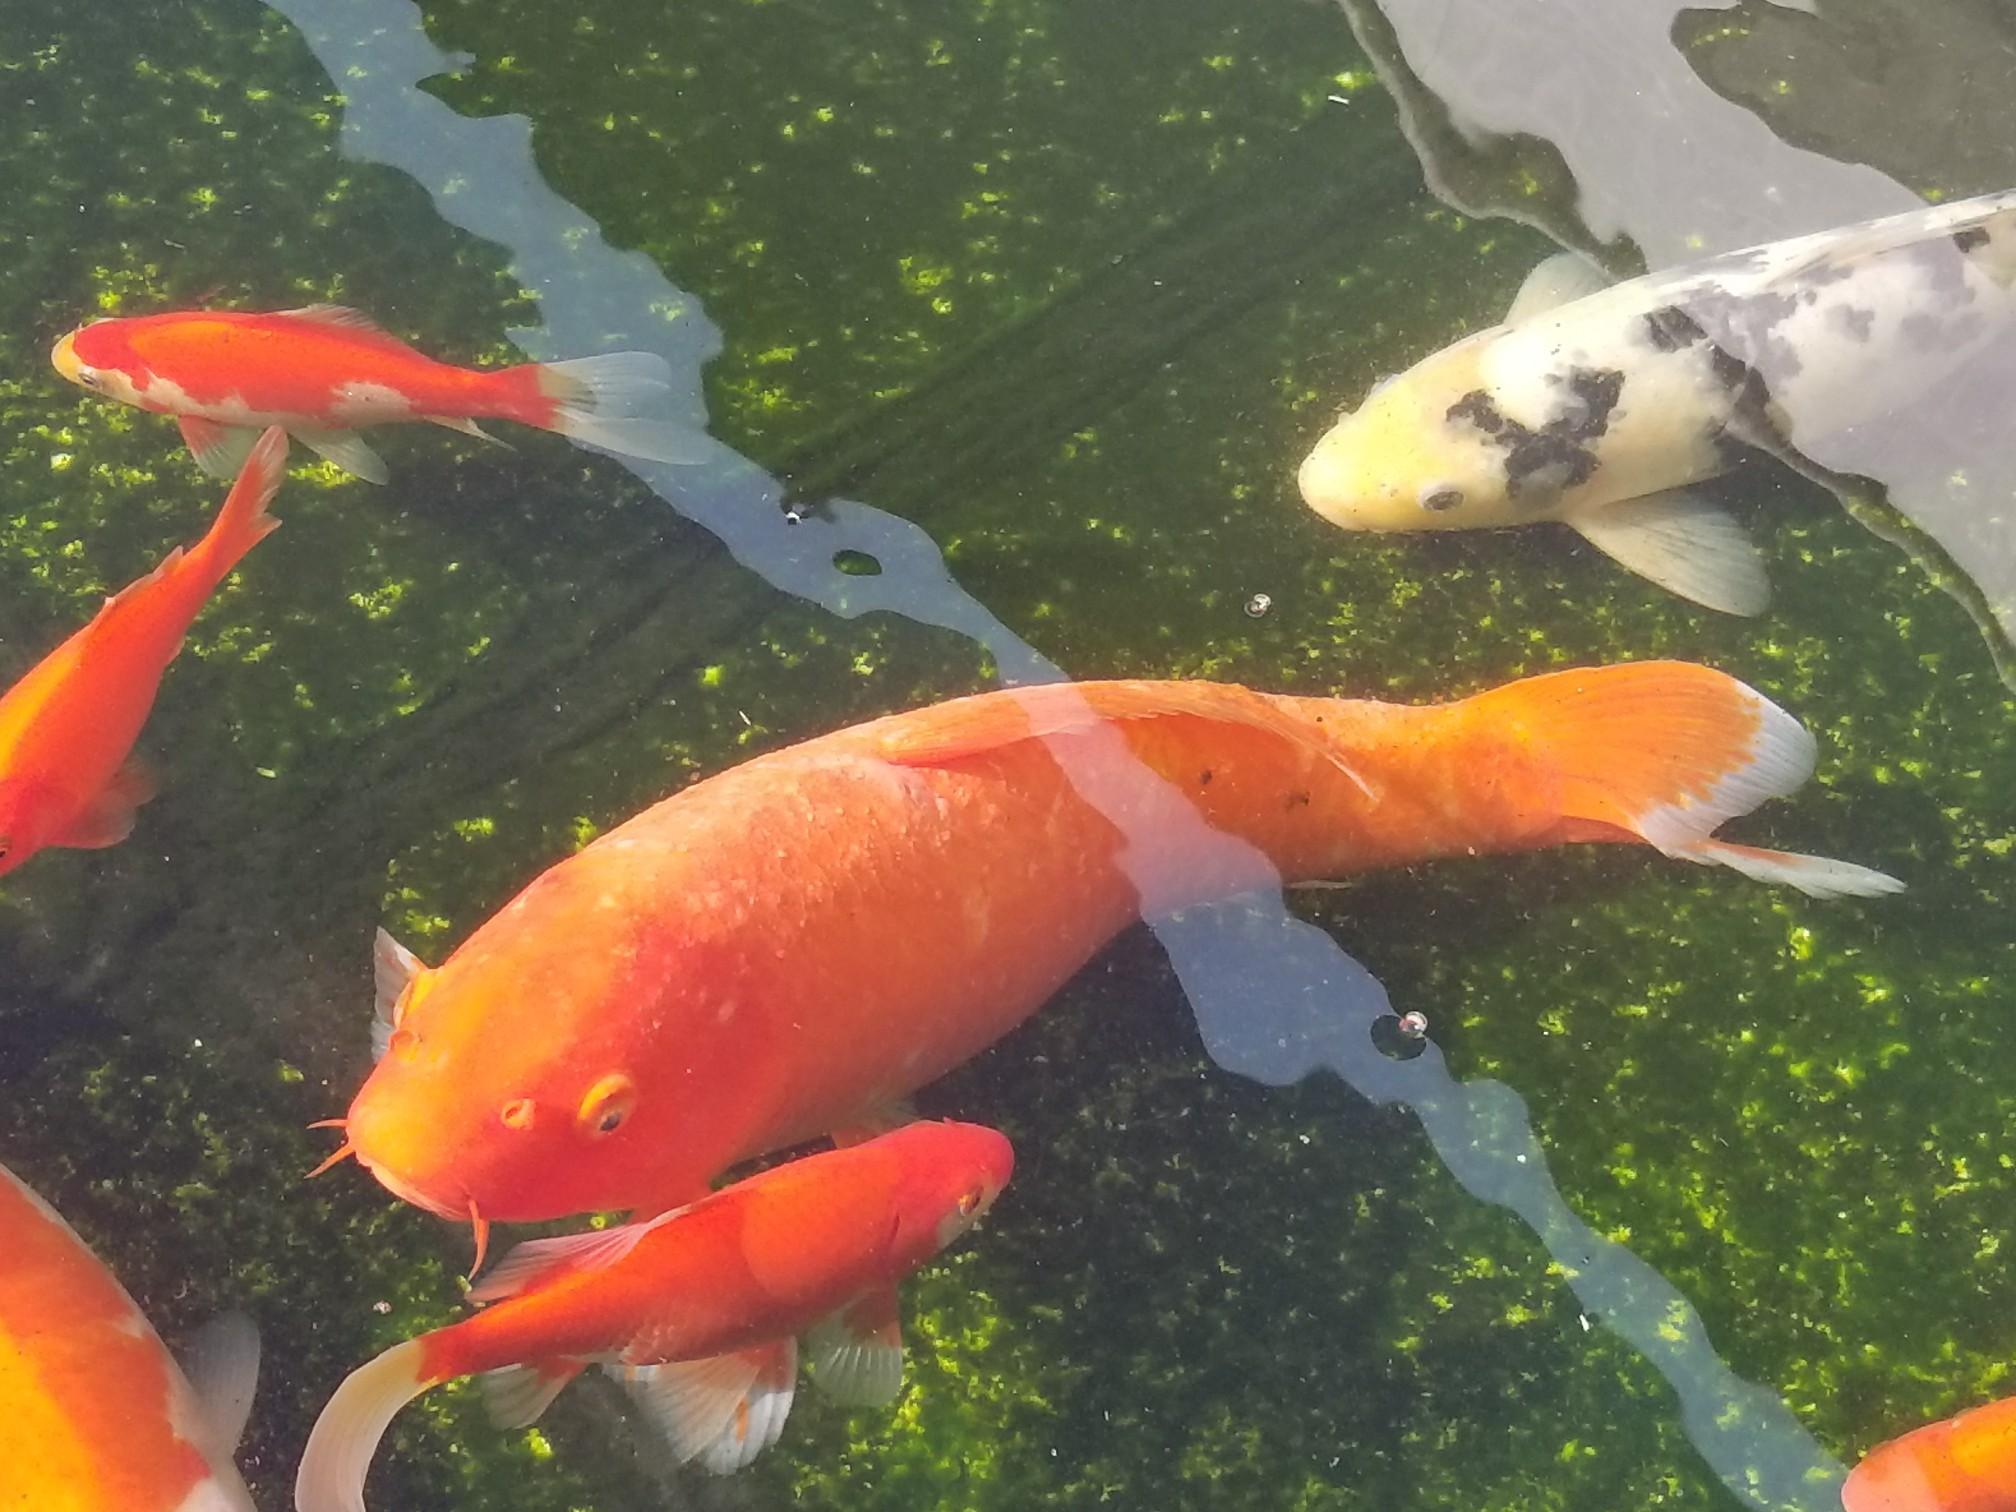 【西安海水鱼批发】咋整一直好不了 西安观赏鱼信息 西安博特第2张